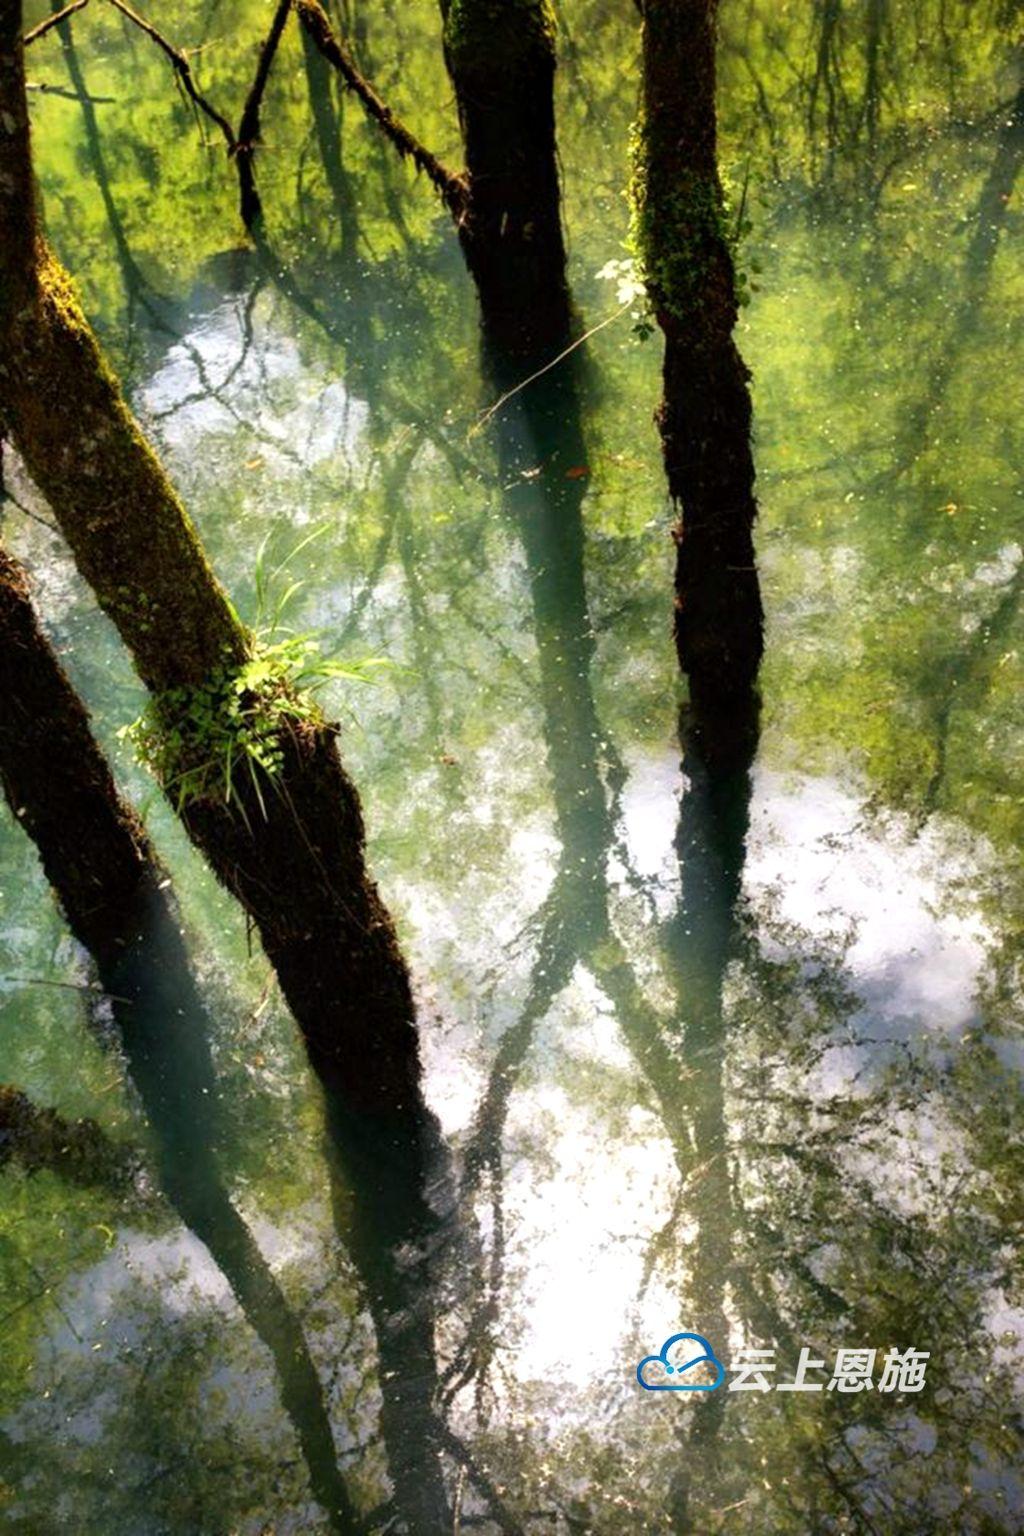 鹤峰有奇景!树在水中生 水在树间流